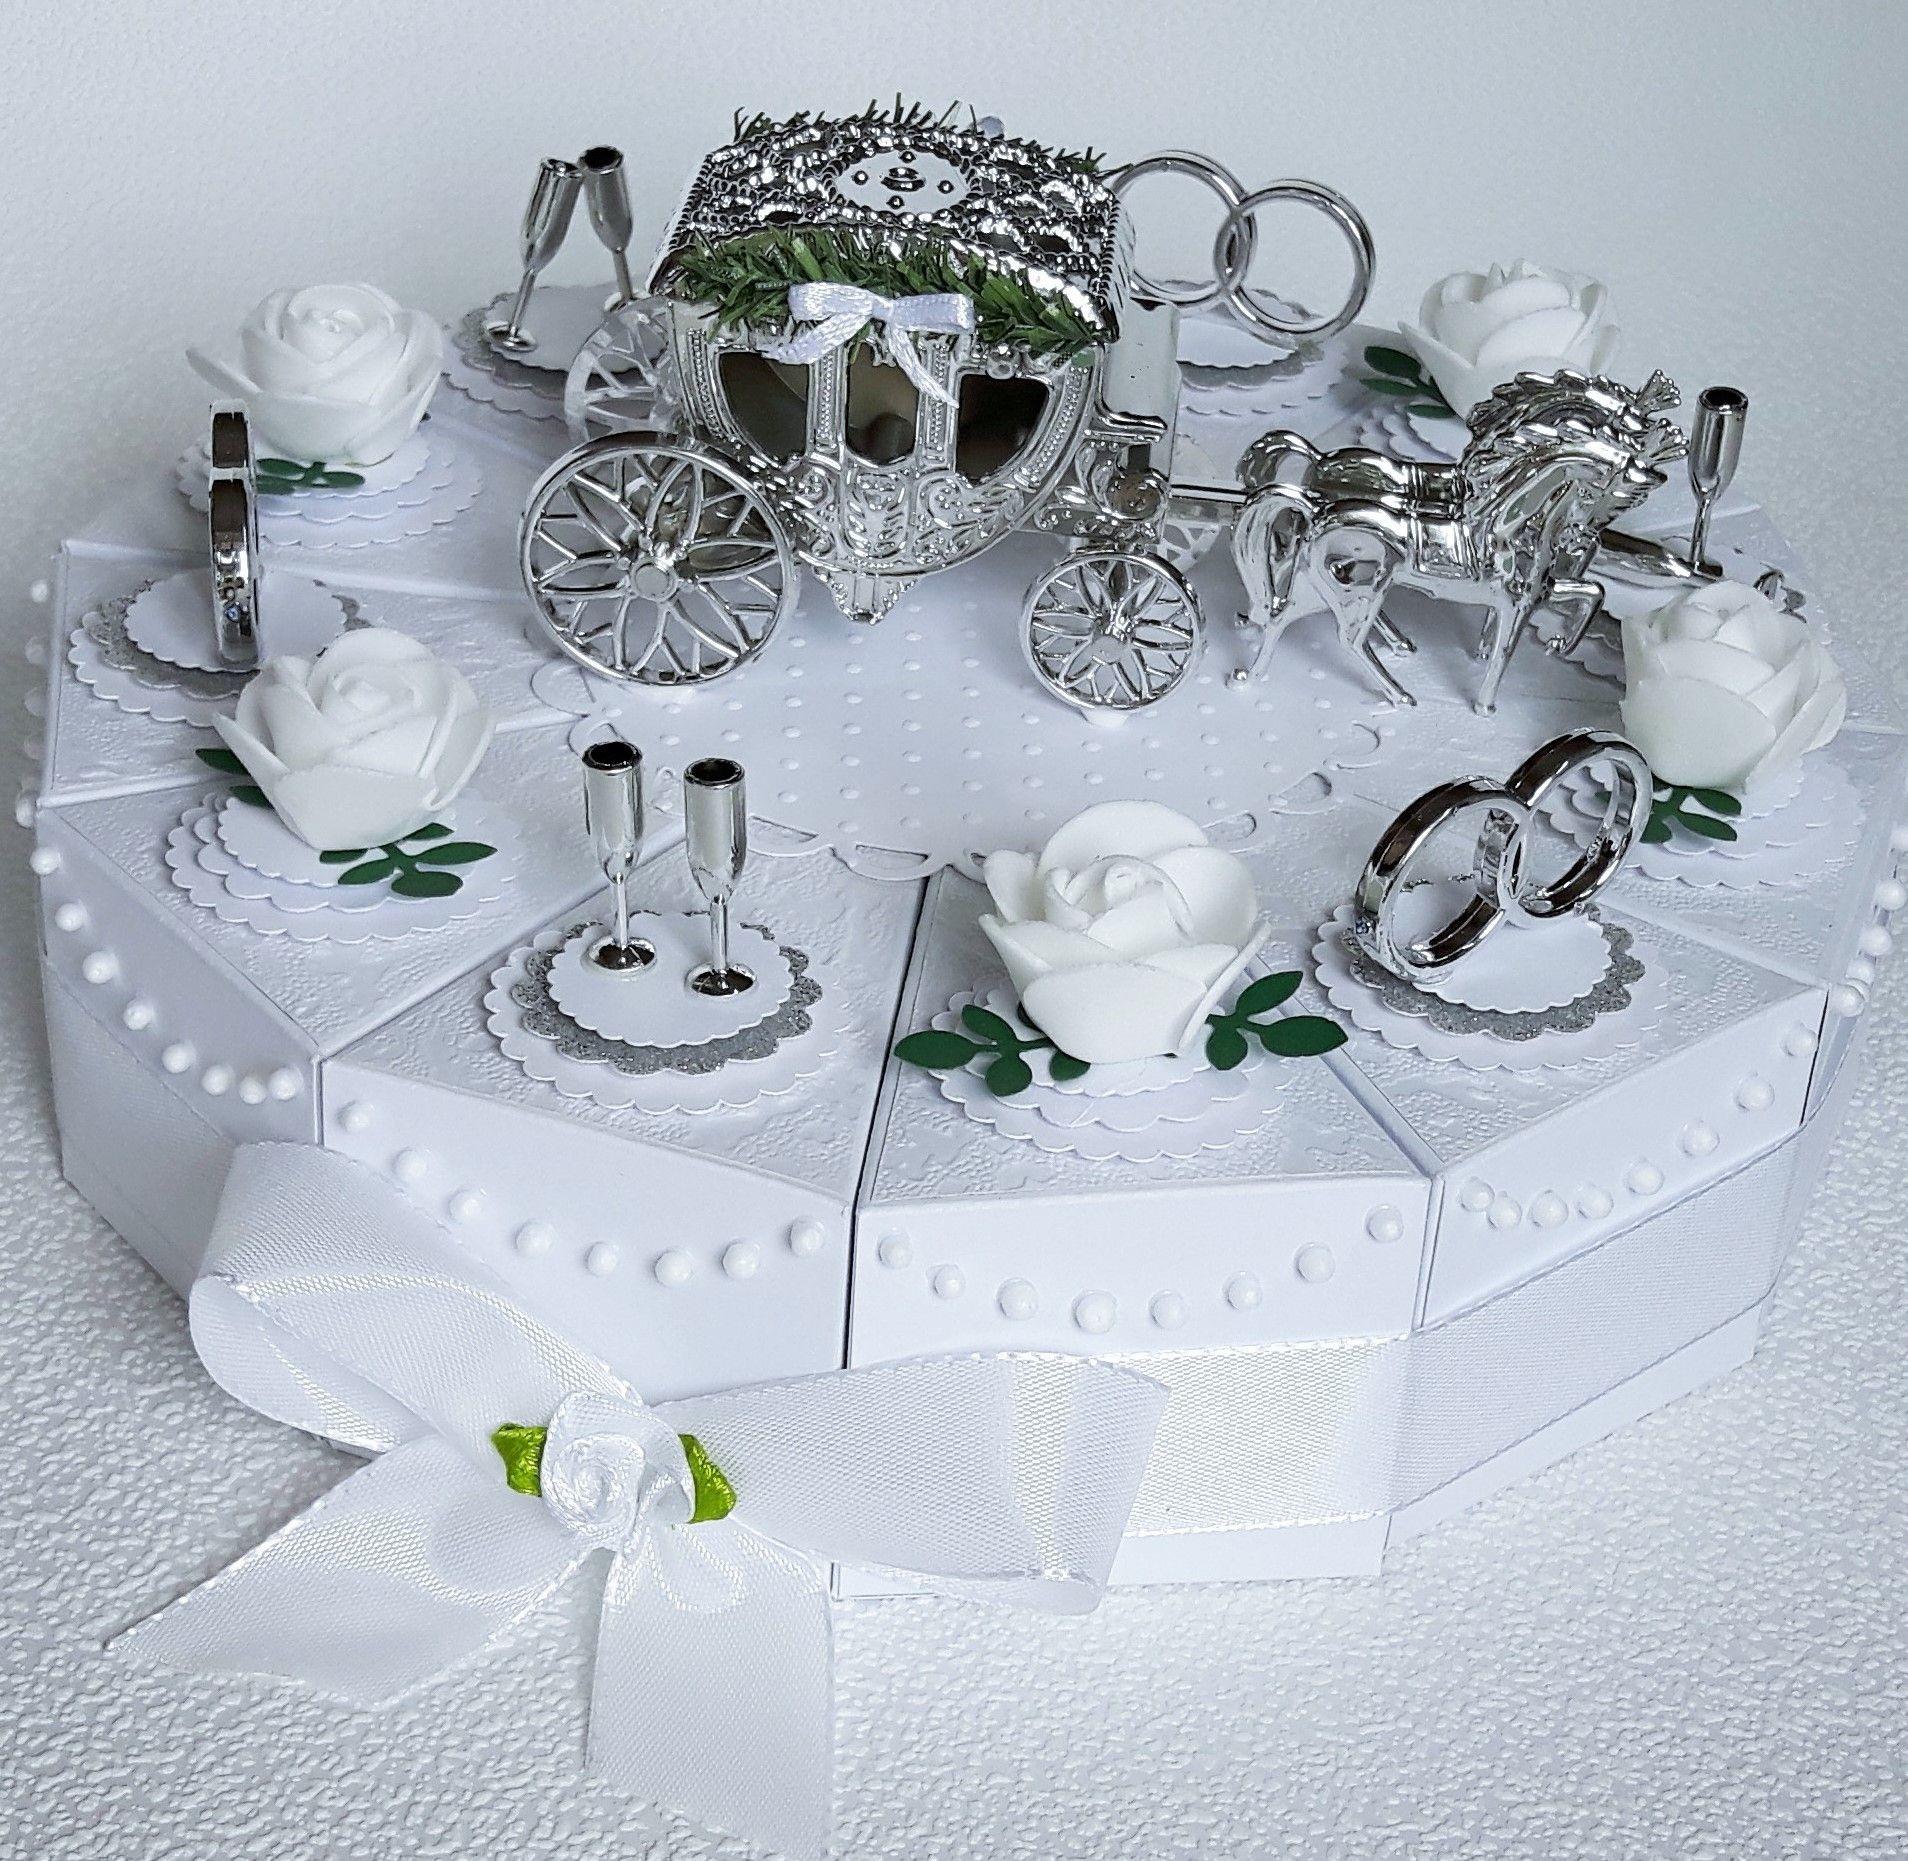 Geschenke Silberhochzeit  Geldgeschenk Hochzeit Silberhochzeit Love